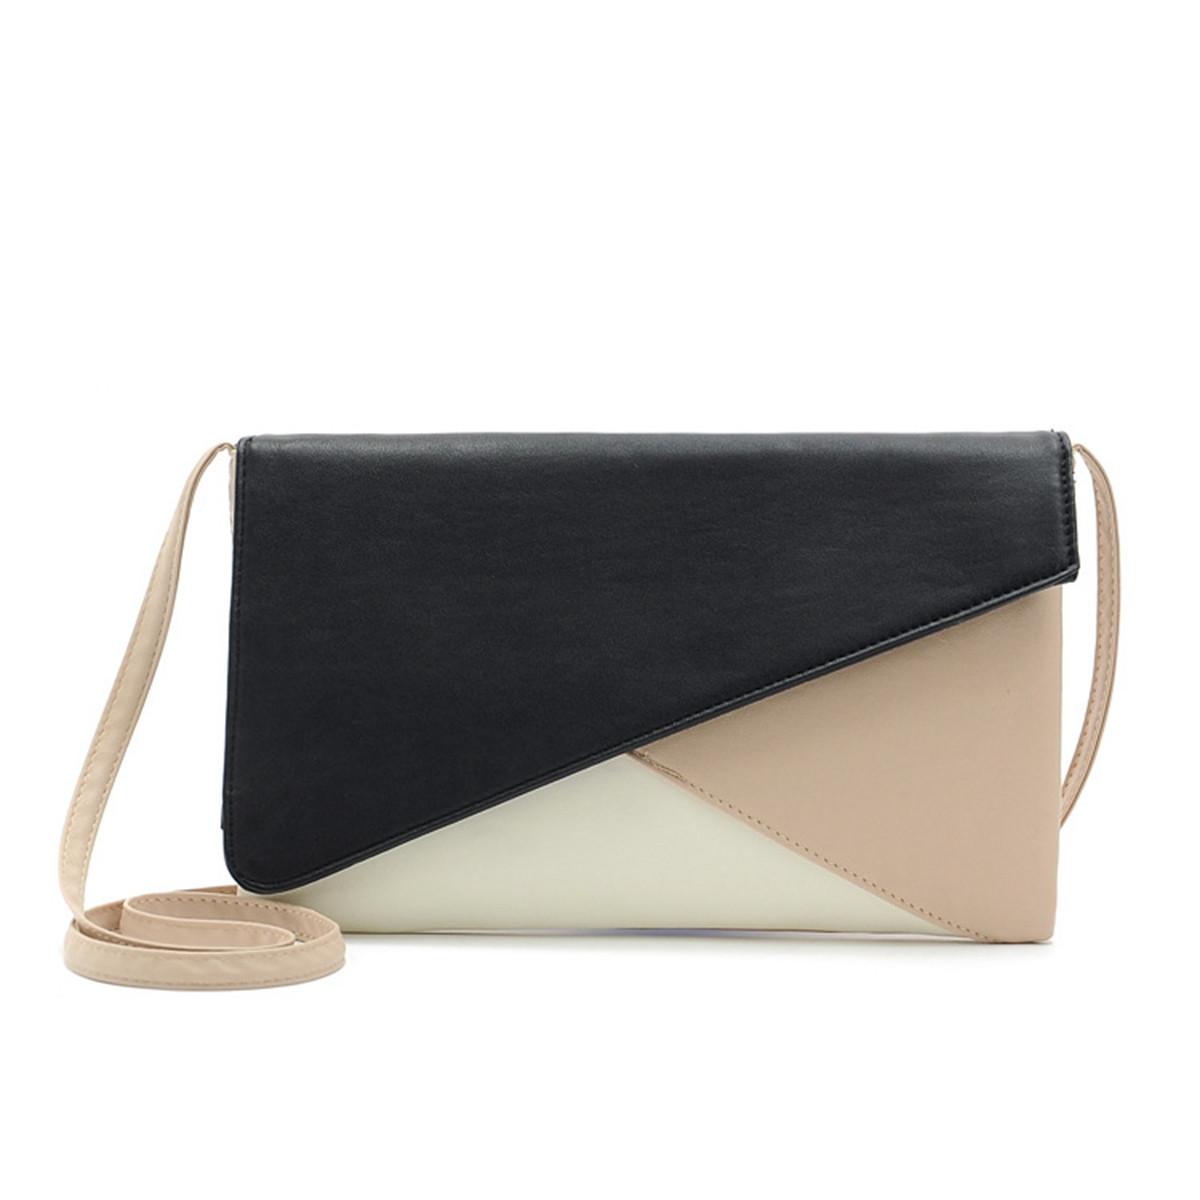 Contrast Hit Color Envelope Women's Clutch Shoulder Messenger Bag Crossbody New